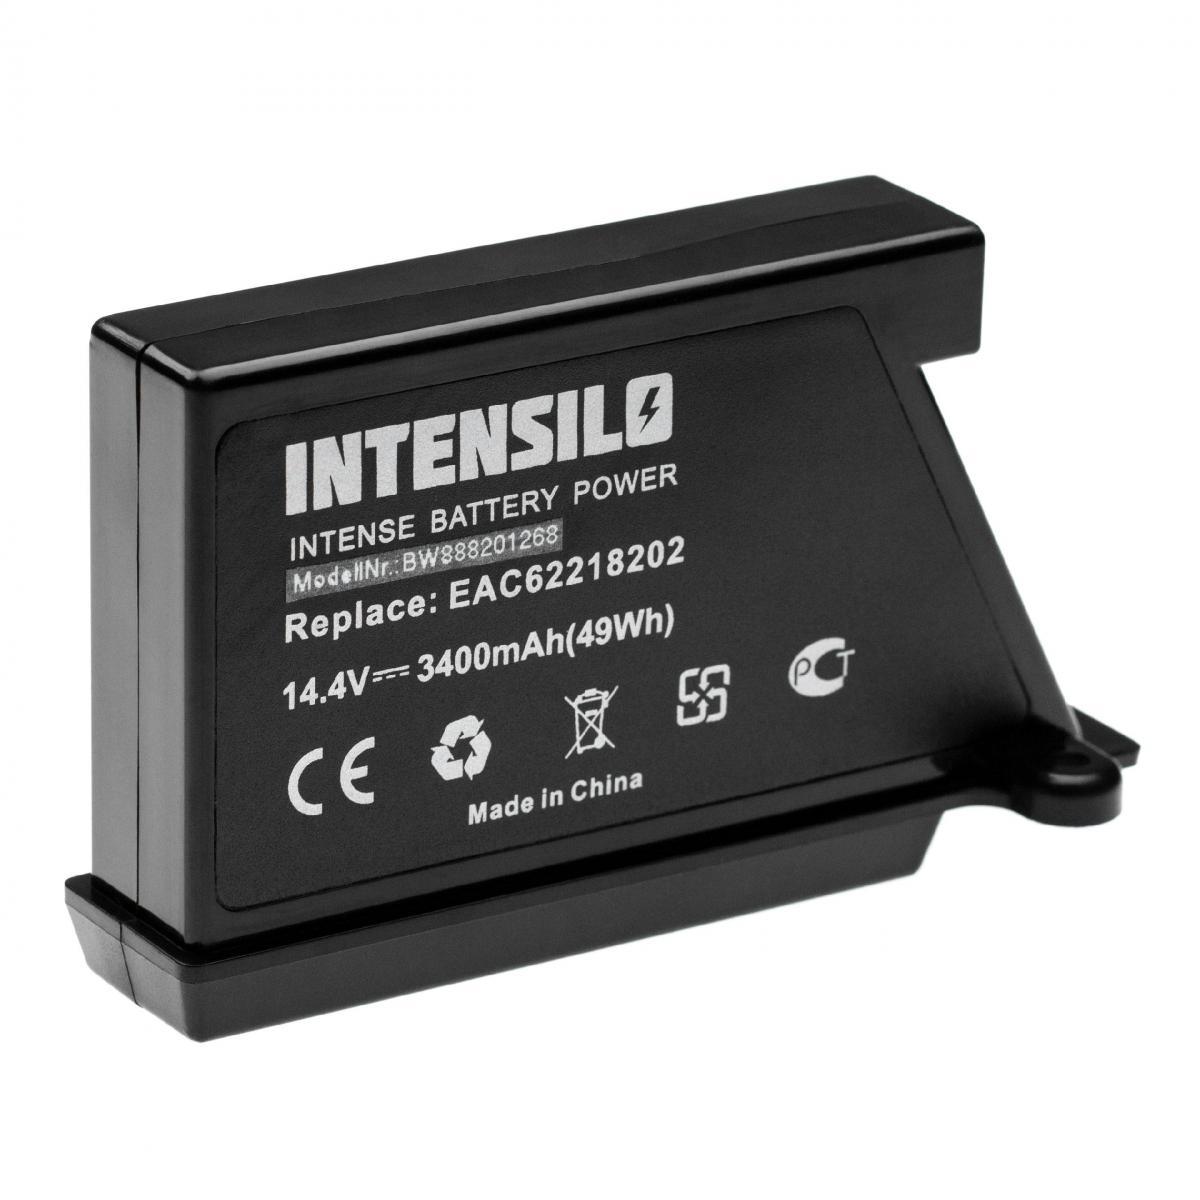 Vhbw INTENSILO Batterie compatible avec LG HOM-BOT VR63485LV, VR6370LVM, VR64602 robot électroménager (3400mAh, 14,4V, Li-ion